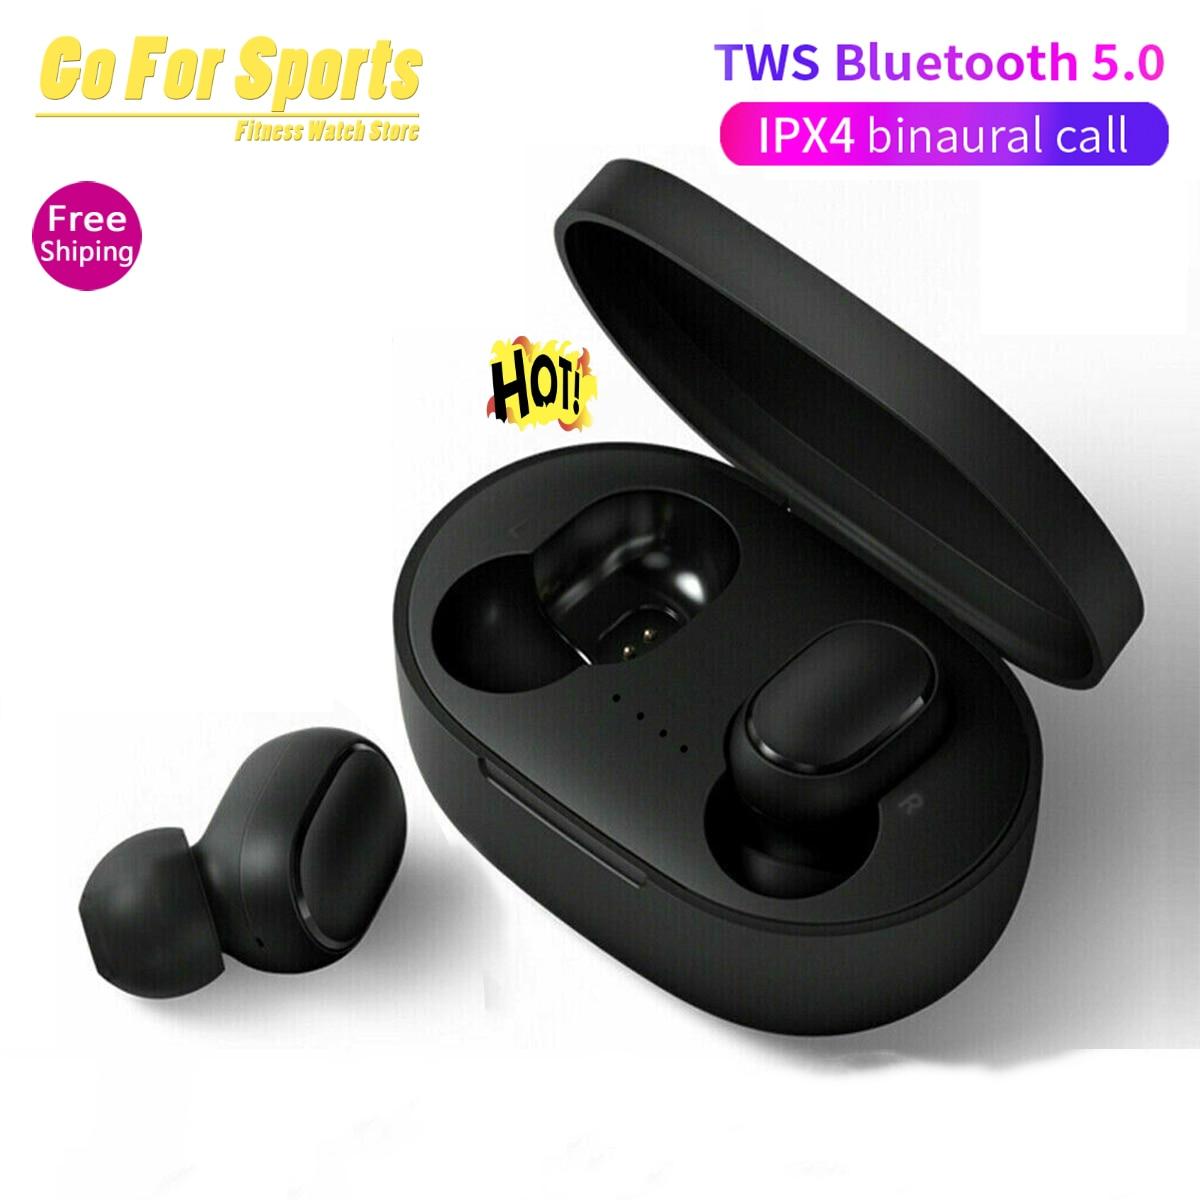 Tws Bluetooth Earphone A6S Wireless Earphone In-Ear Stereo Earbuds BT 5.0 With Microphone  Wireless Earphone For Xiaomi Redmi